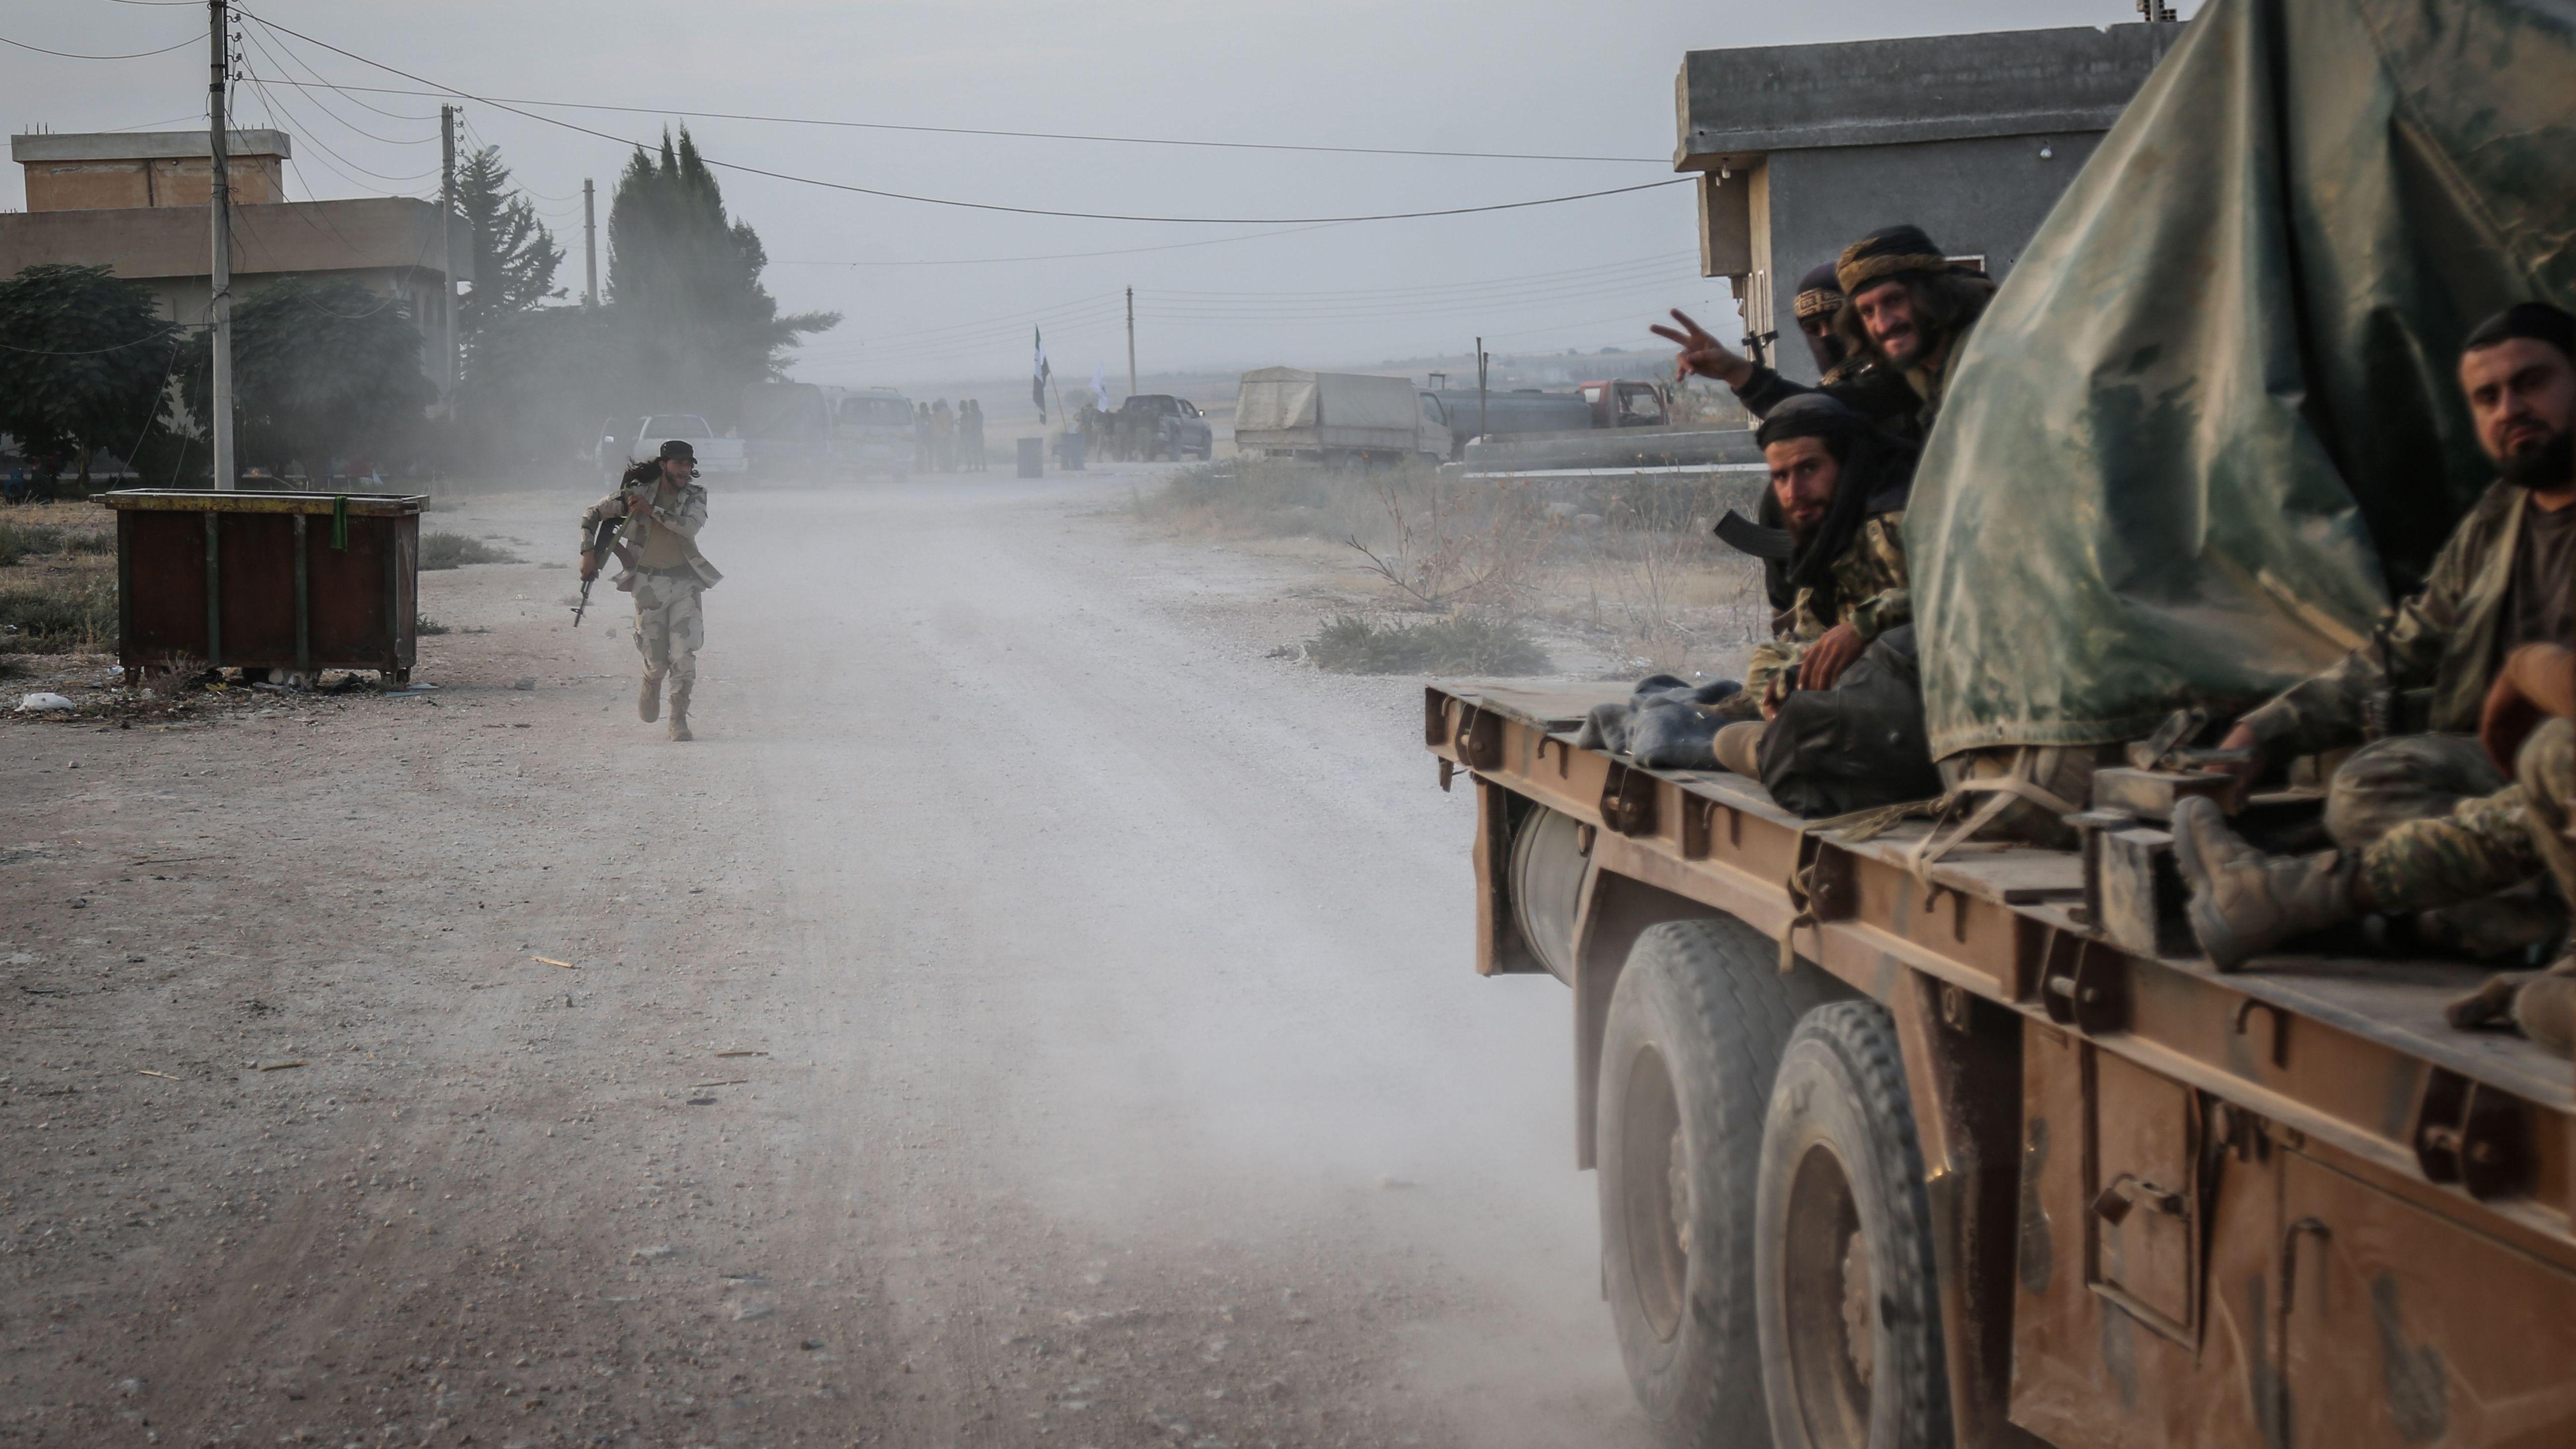 Soldaten der türkisch unterstützten syrischen Nationalarmee gestikulieren nach Zusammenstößen mit Kurdischen Kämpfern.